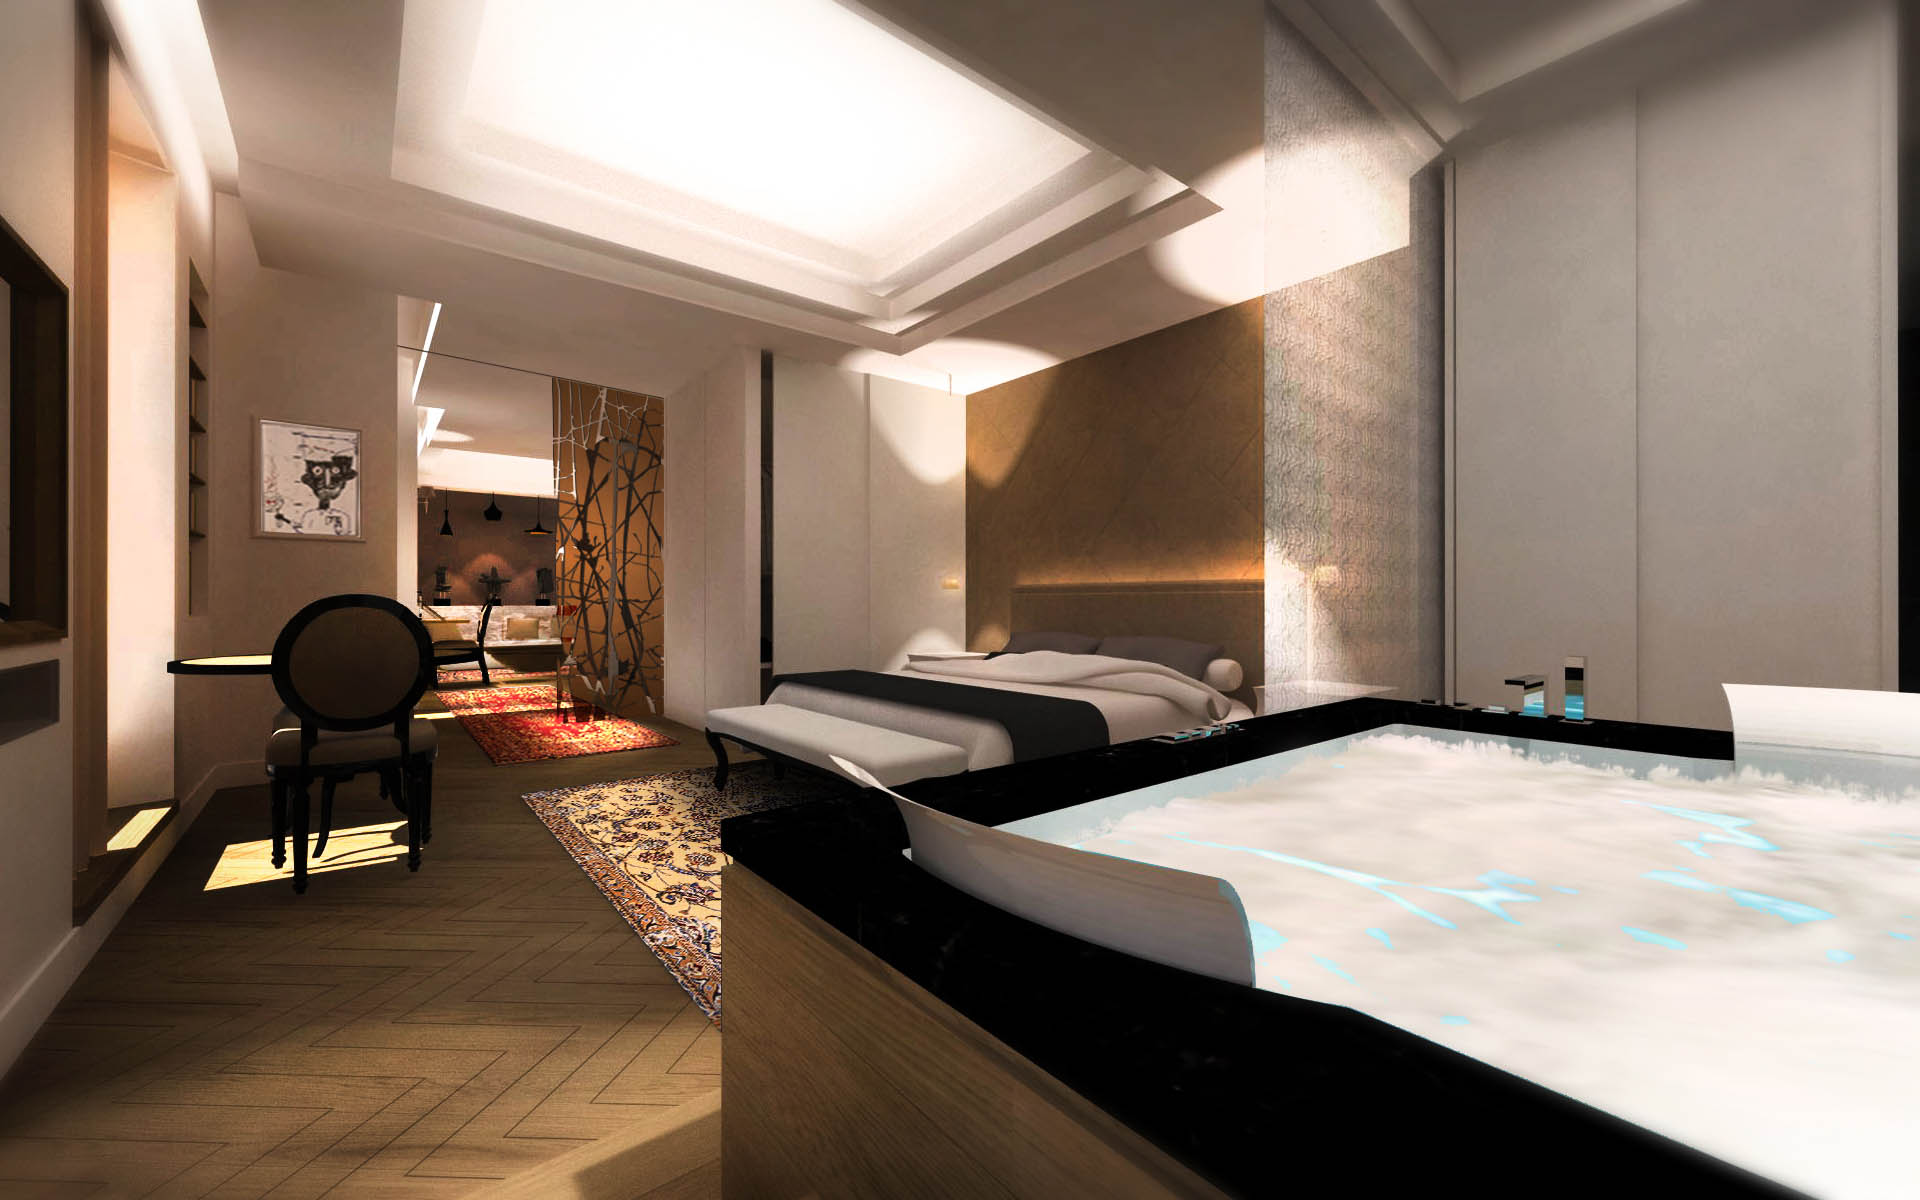 Architecte intérieur Hotel - Aix en provence 27